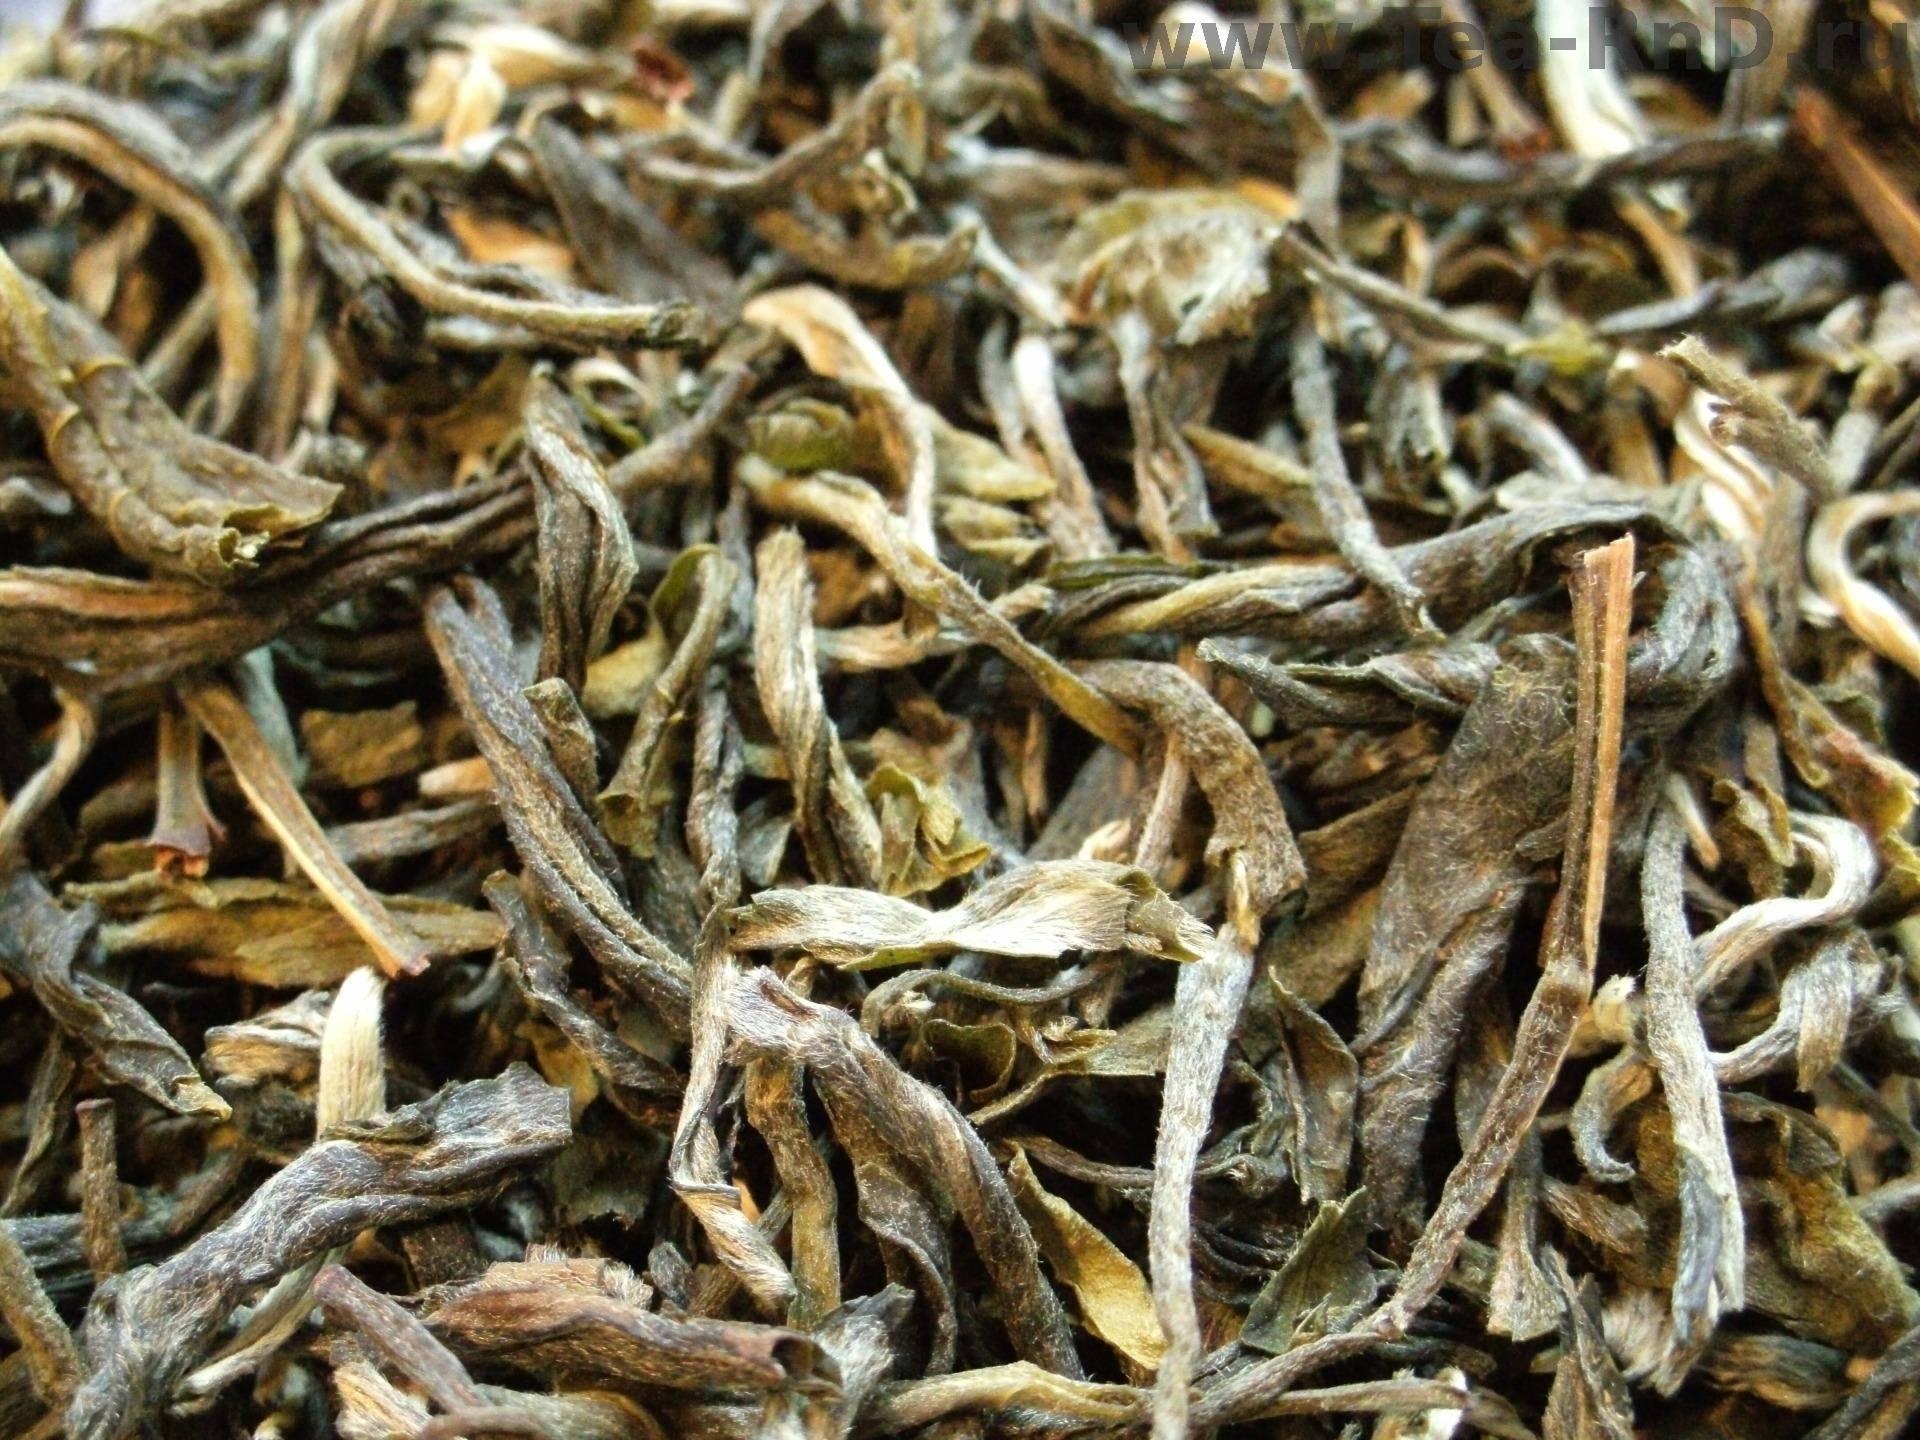 Чай пекое (pekoe): виды, пеко, opa, с типсам